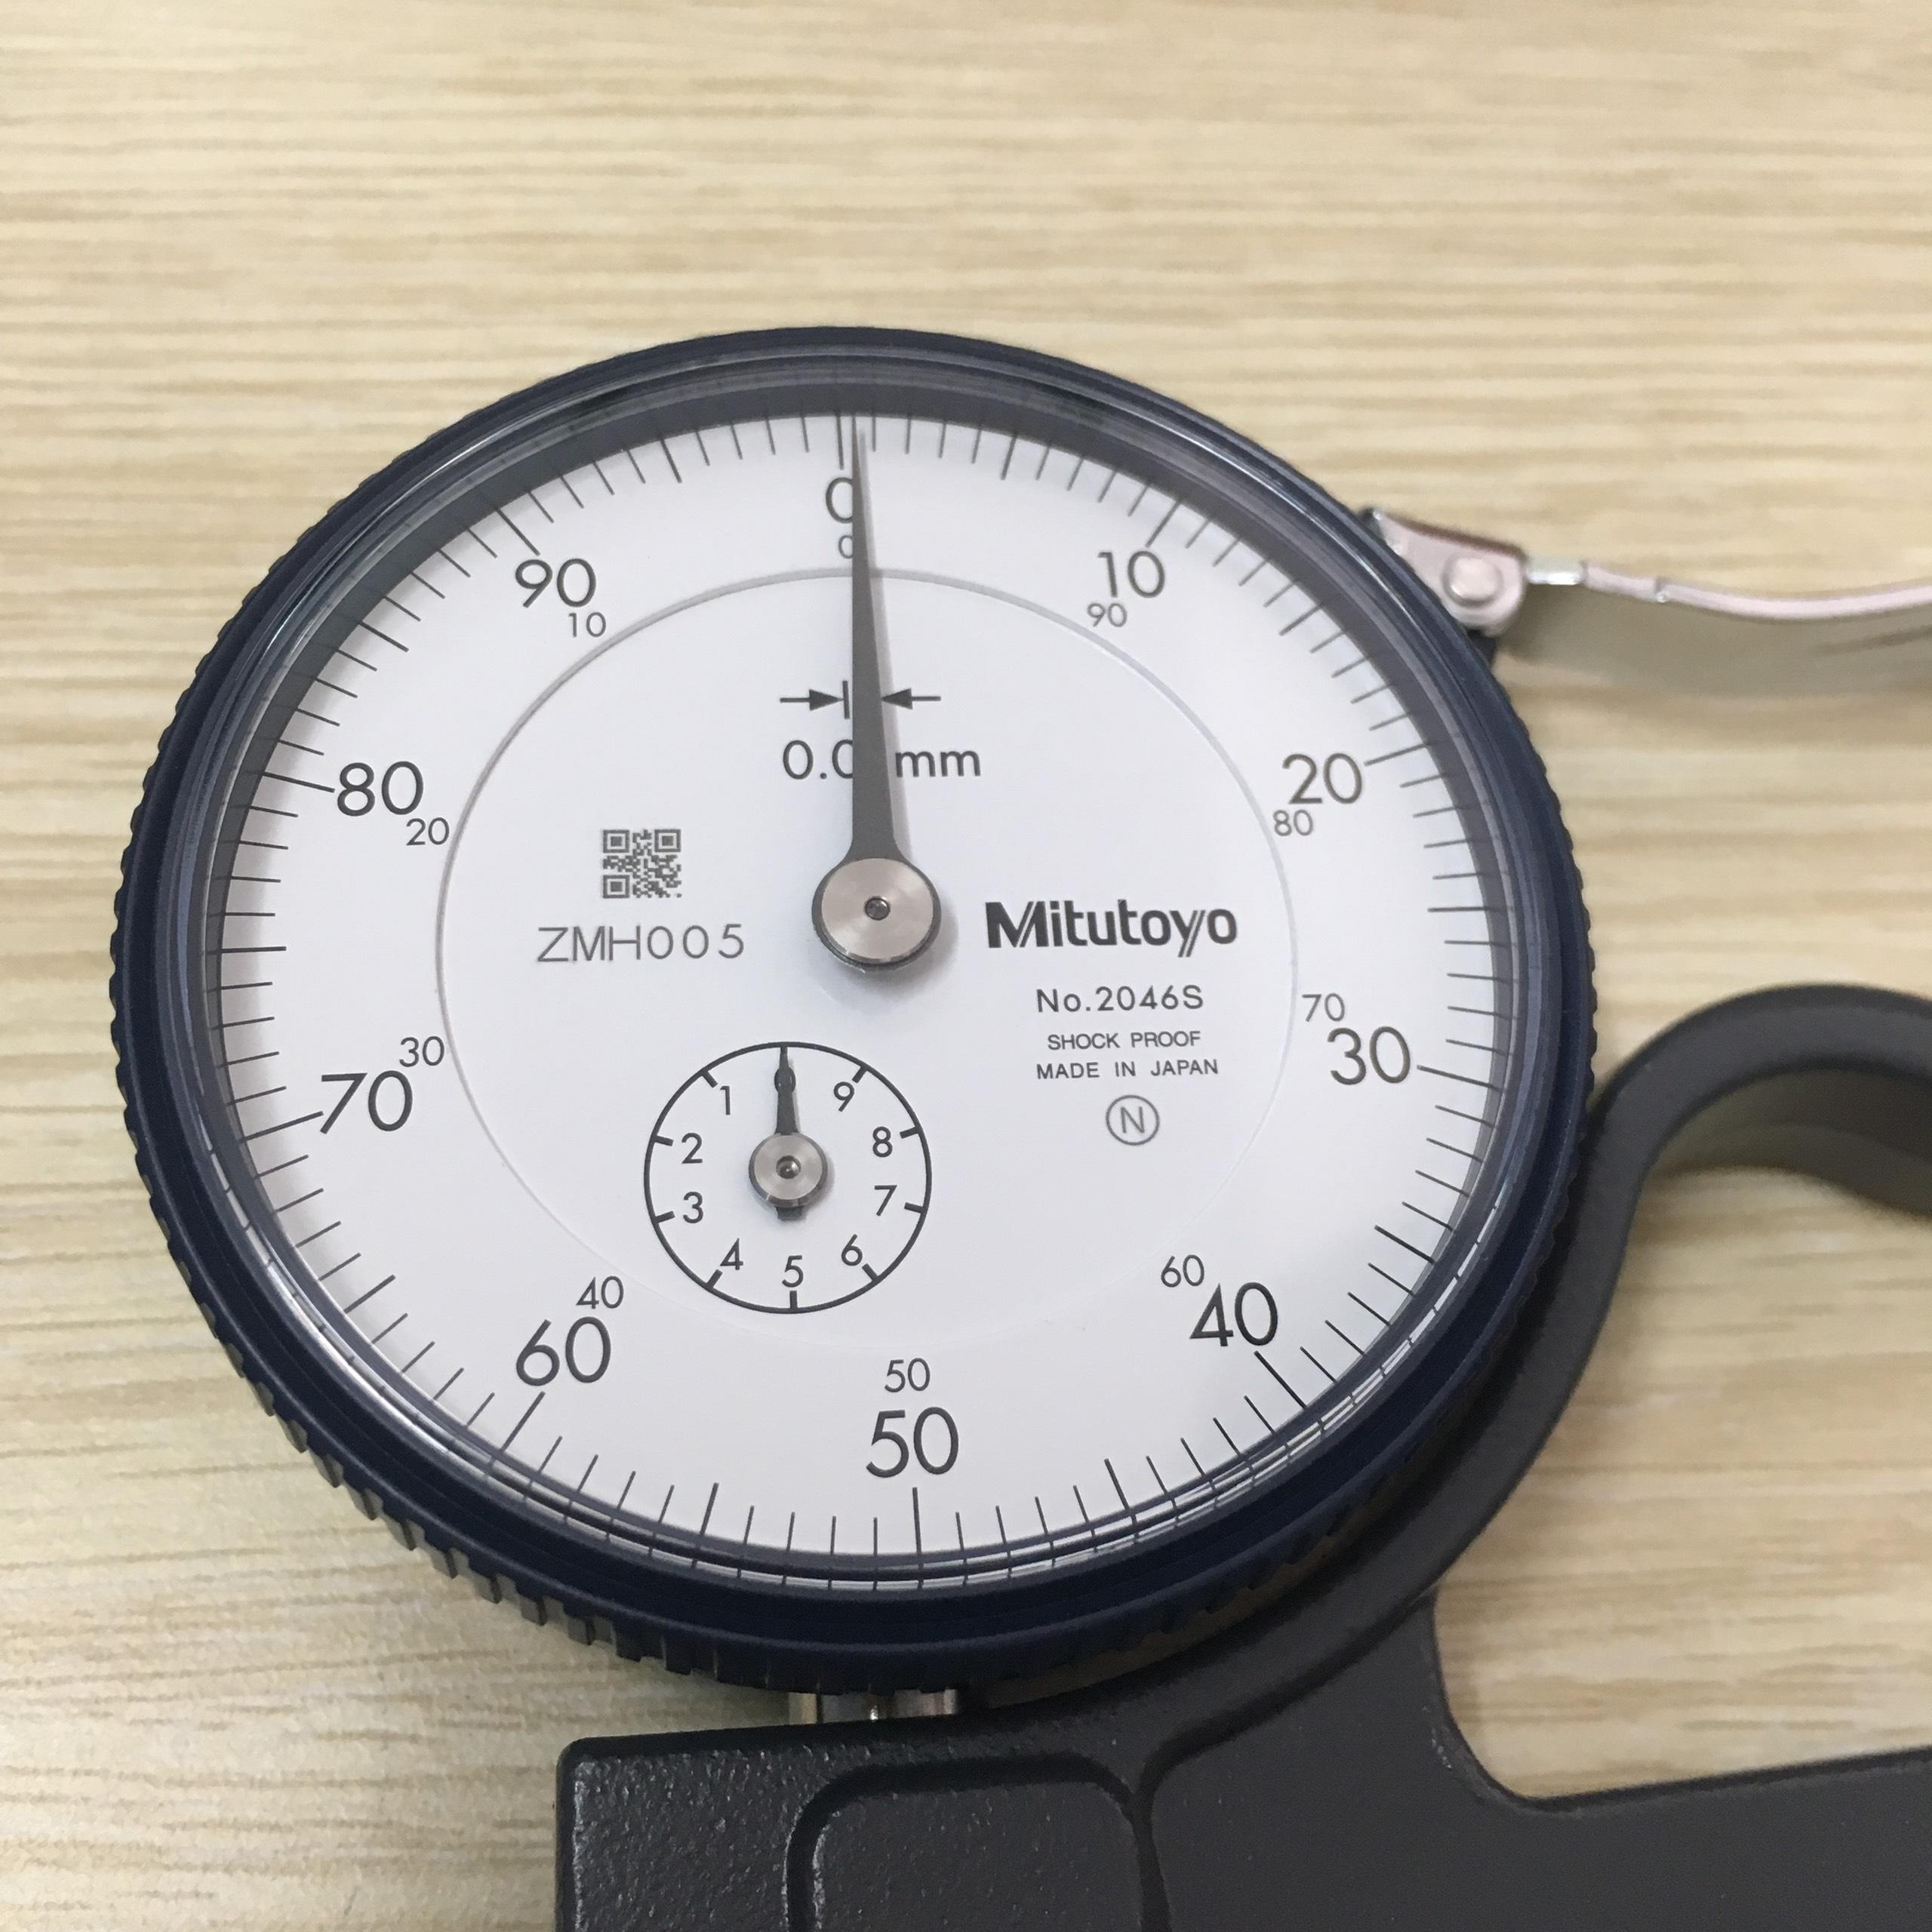 Đồng hồ đo độ dày 0-10mm  7321 MITUTOYO